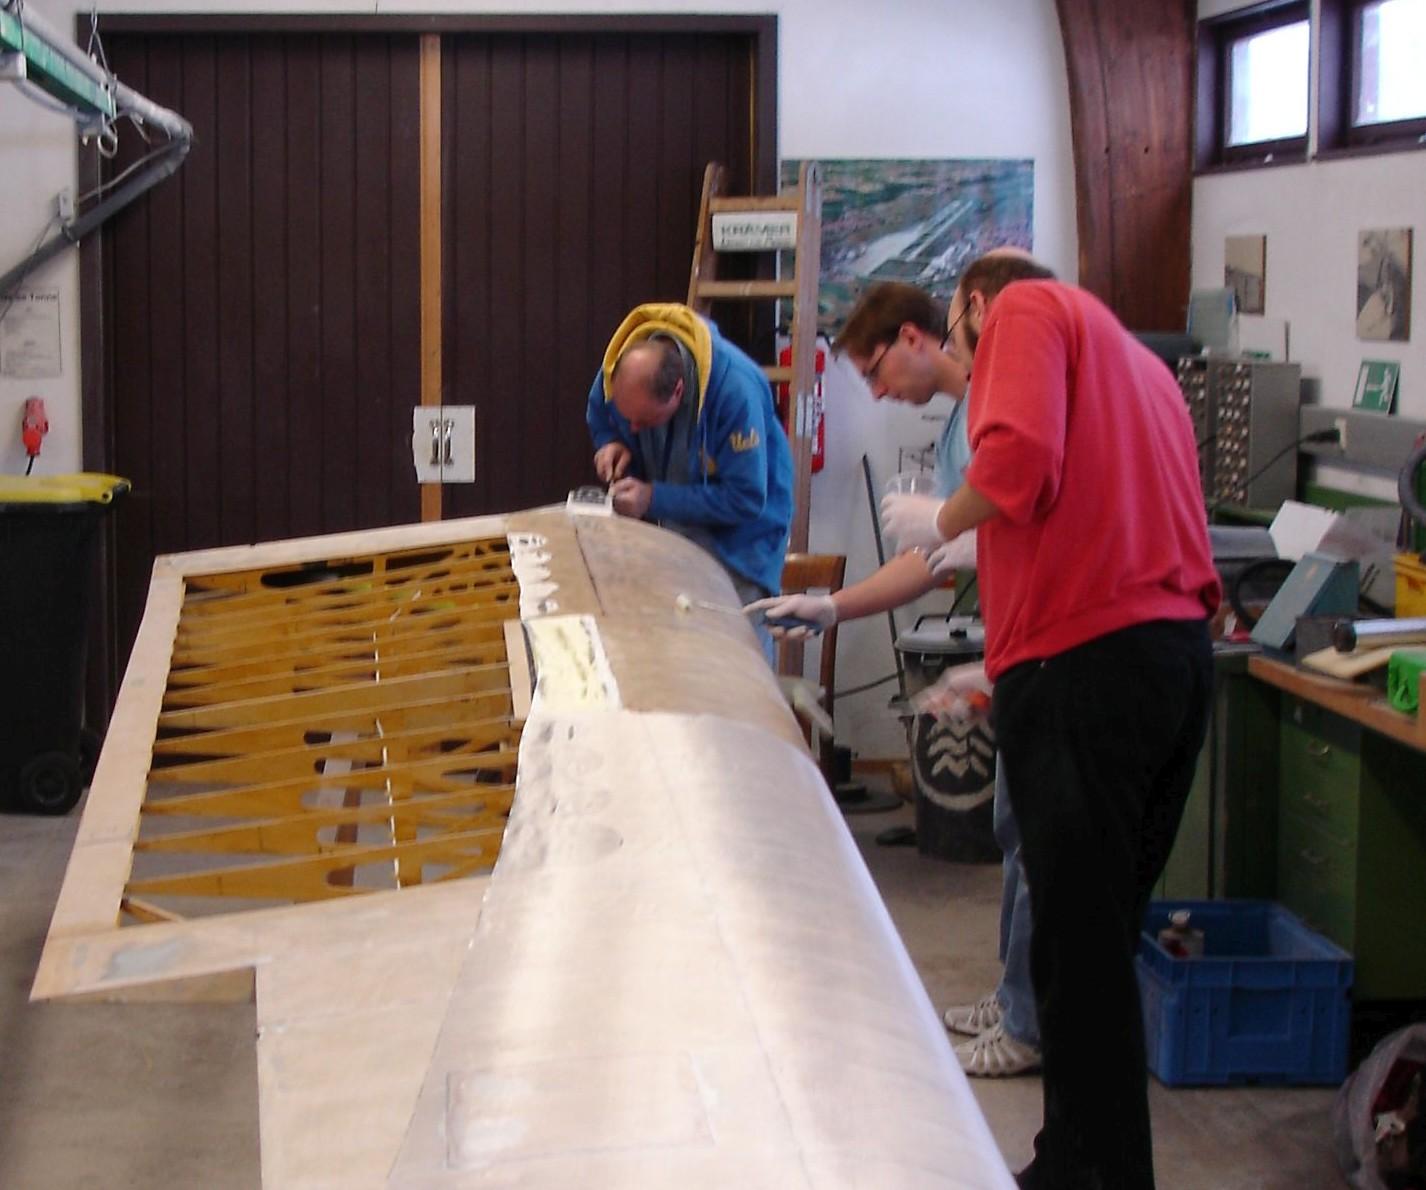 der zweite Flügel wird laminiert (v.l. Jürgen, Sven, Markus)